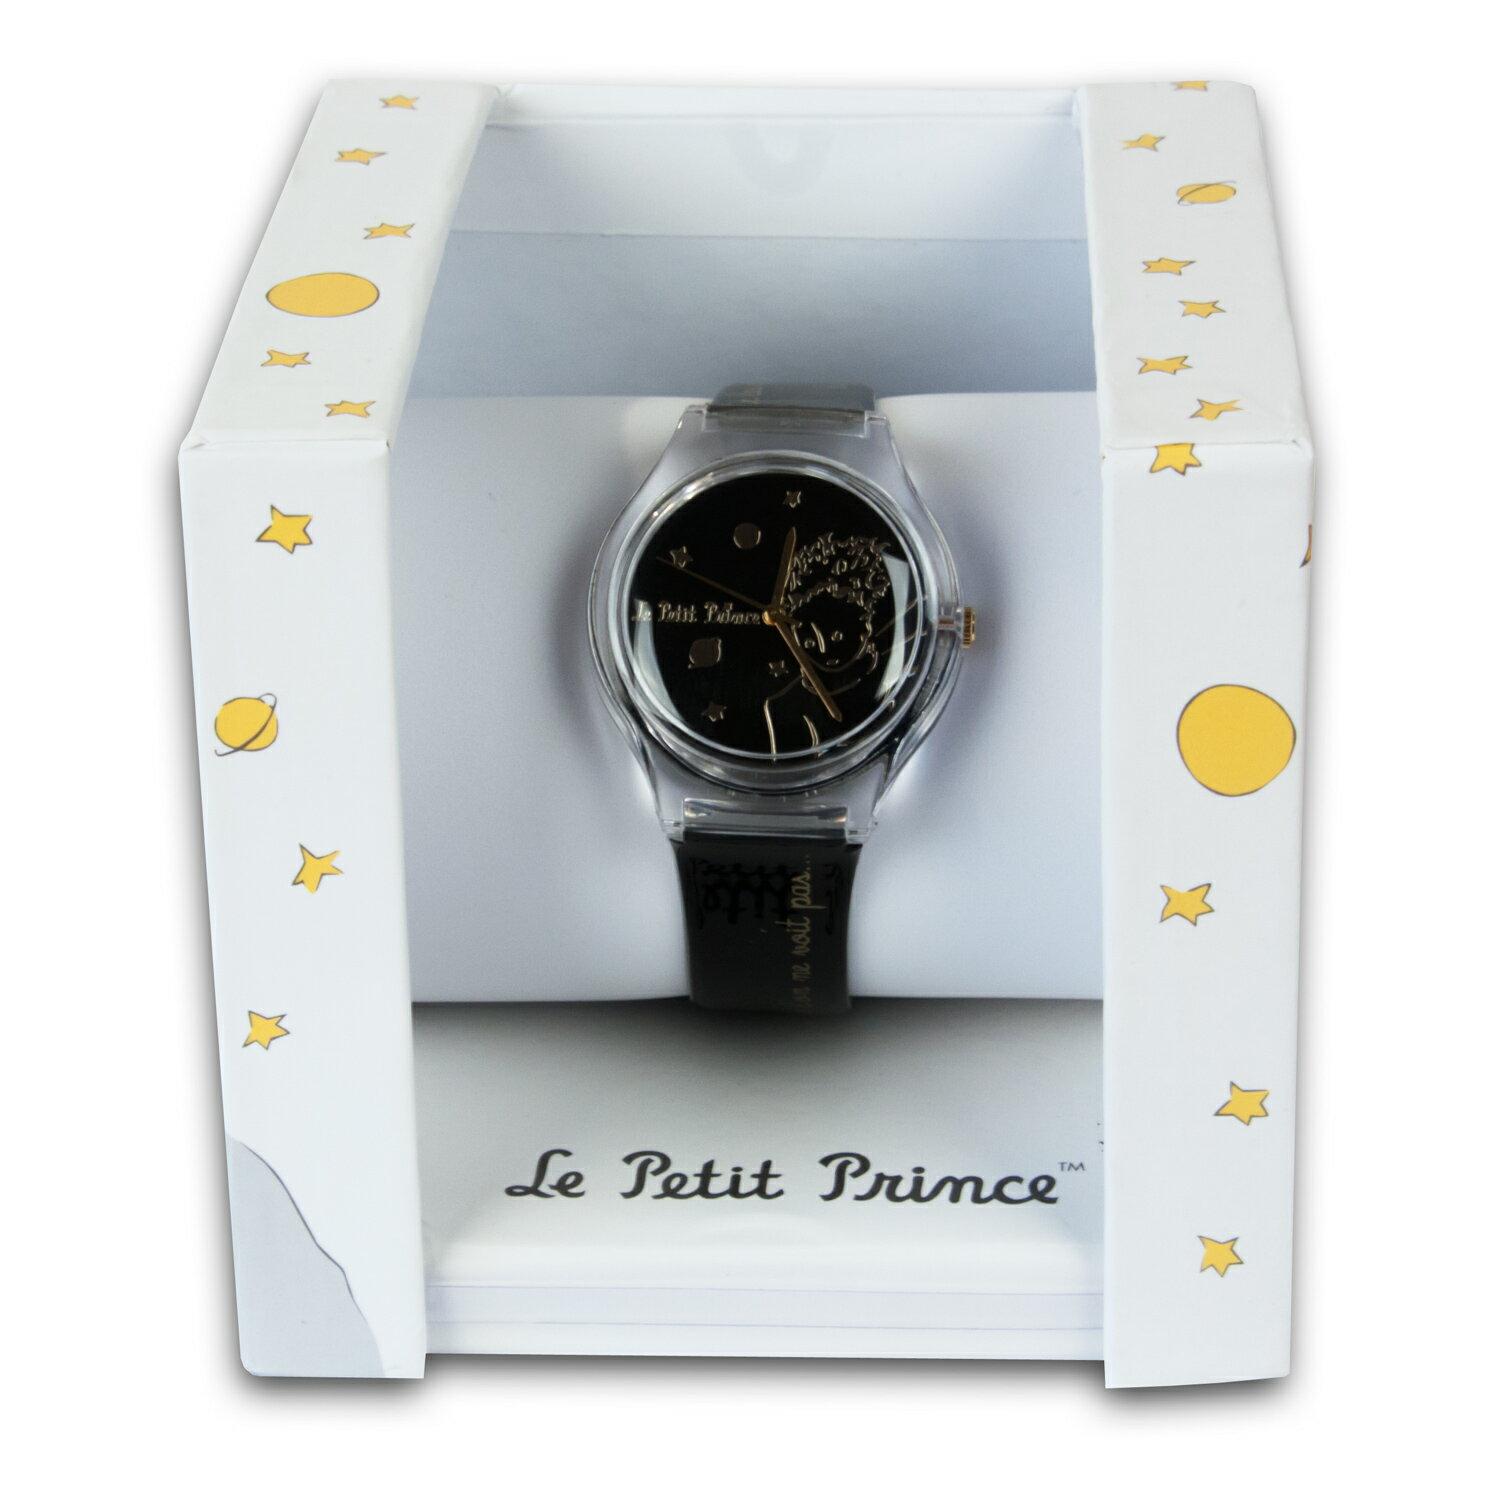 清倉產品!Lumitusi- Le Petit Prince 法國小王子手錶 7